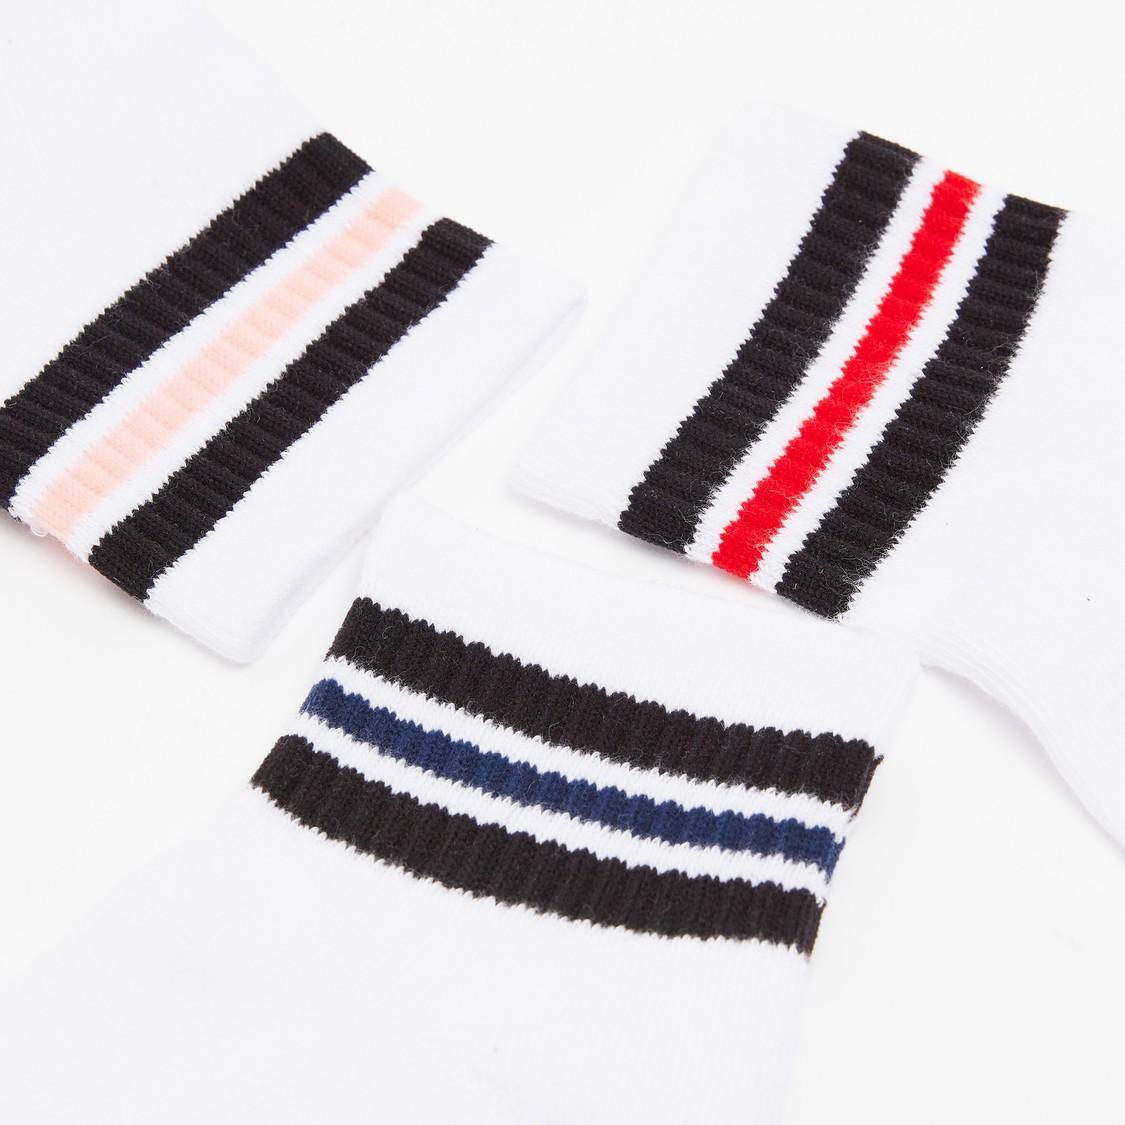 جوارب مقلمة بطول الكاحل - طقم من 3 أزواج